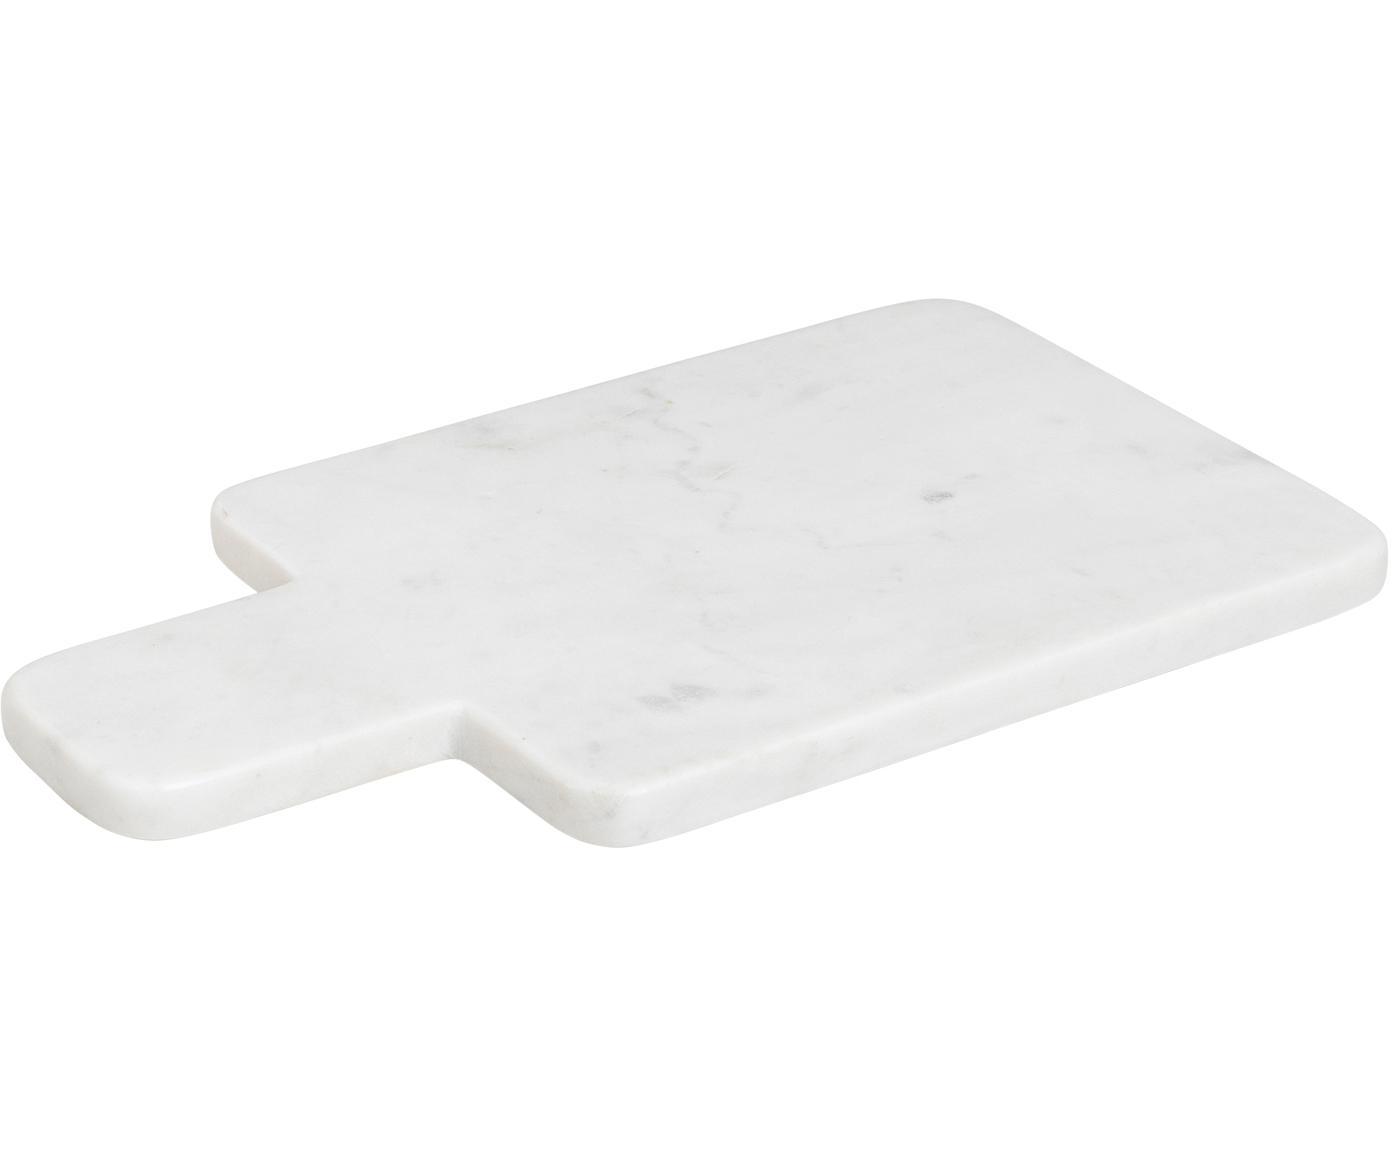 Marmeren snijplank Adam, Marmer, Wit, 30 x 17 cm